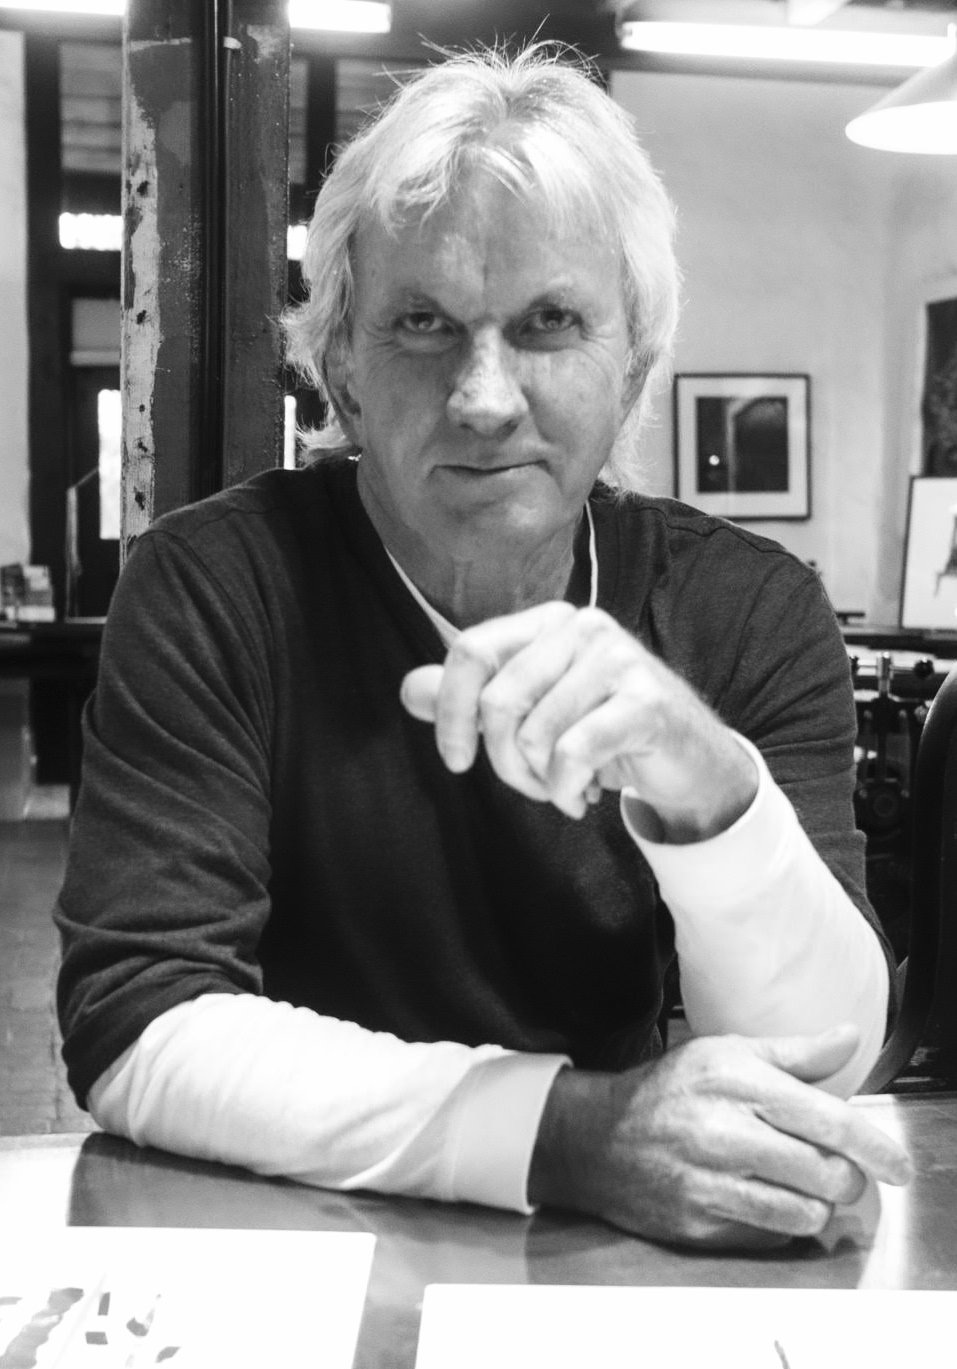 Robert Hails